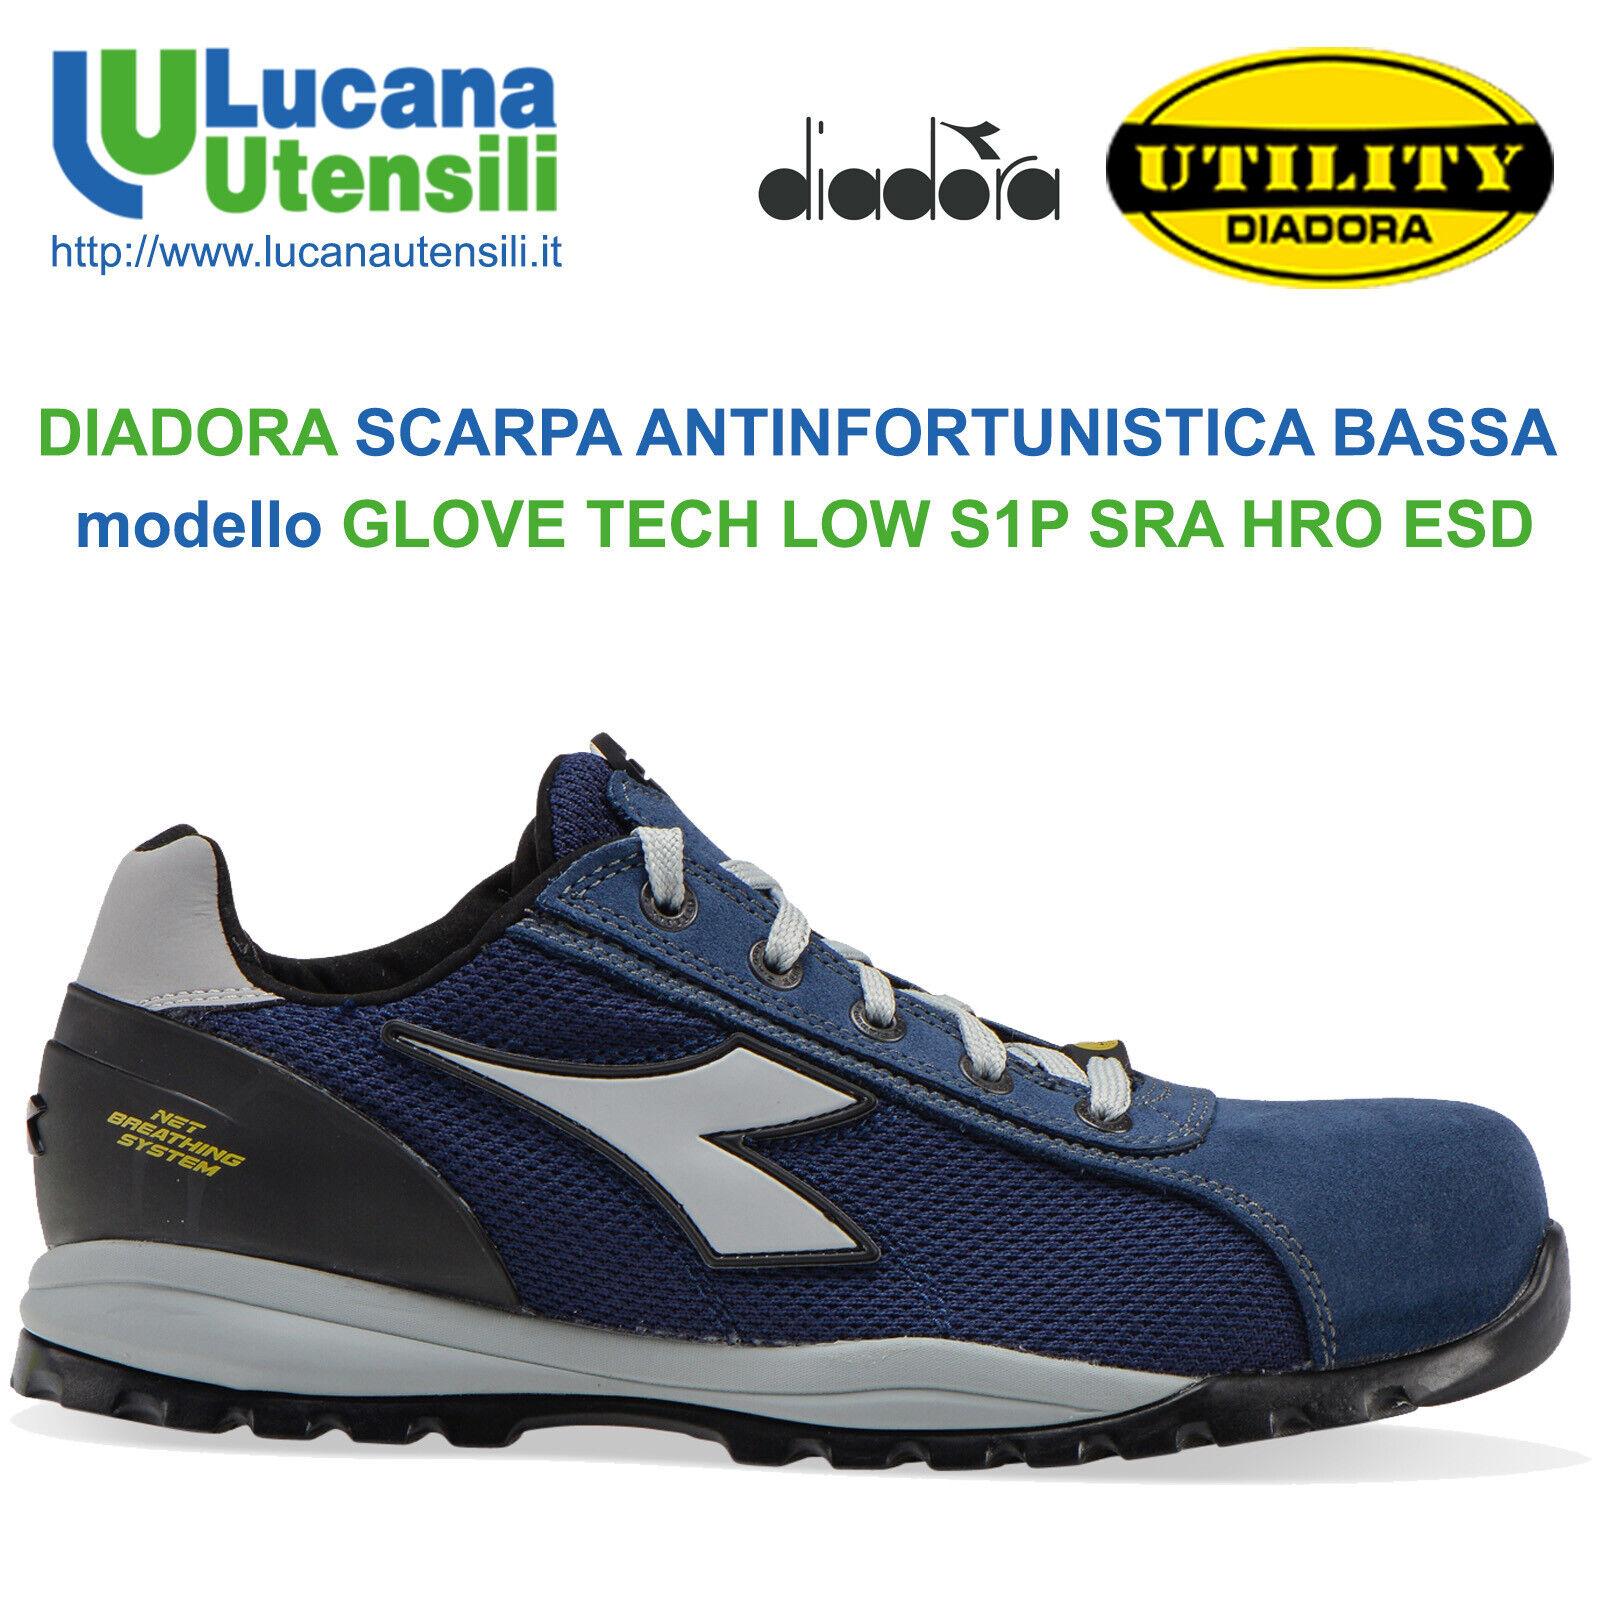 Chaussures de s/écurit/é Mixte Adulte Diadora Glove II Text S1p HRO